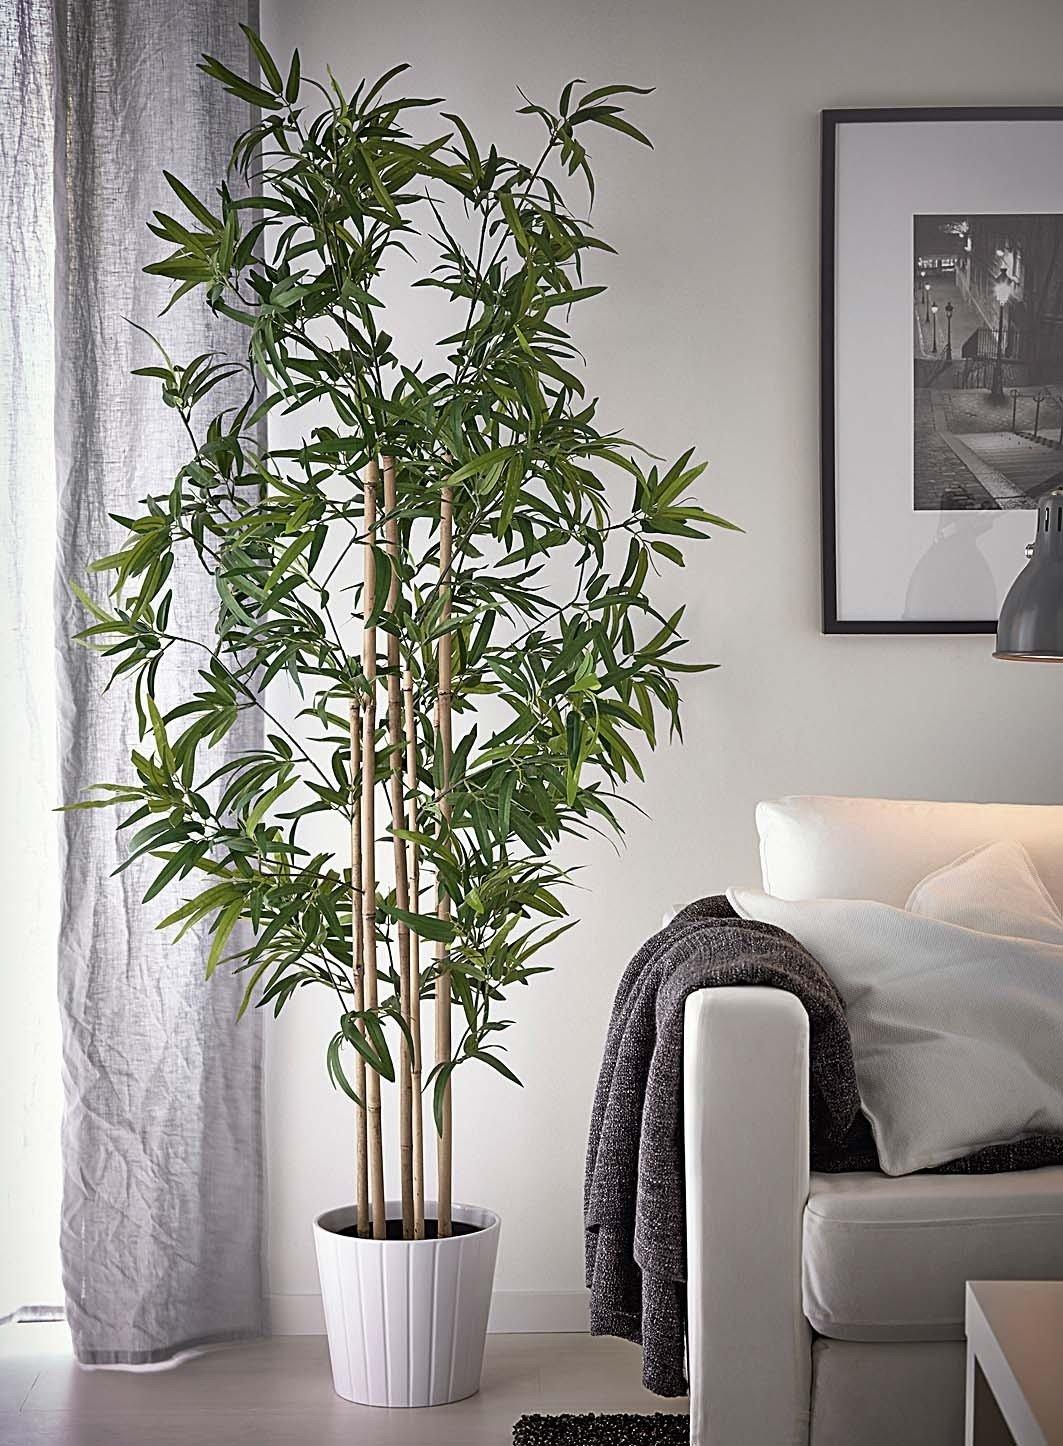 Augaliniai motyvai interjere nuo imitacij iki for Pegatinas decorativas pared ikea